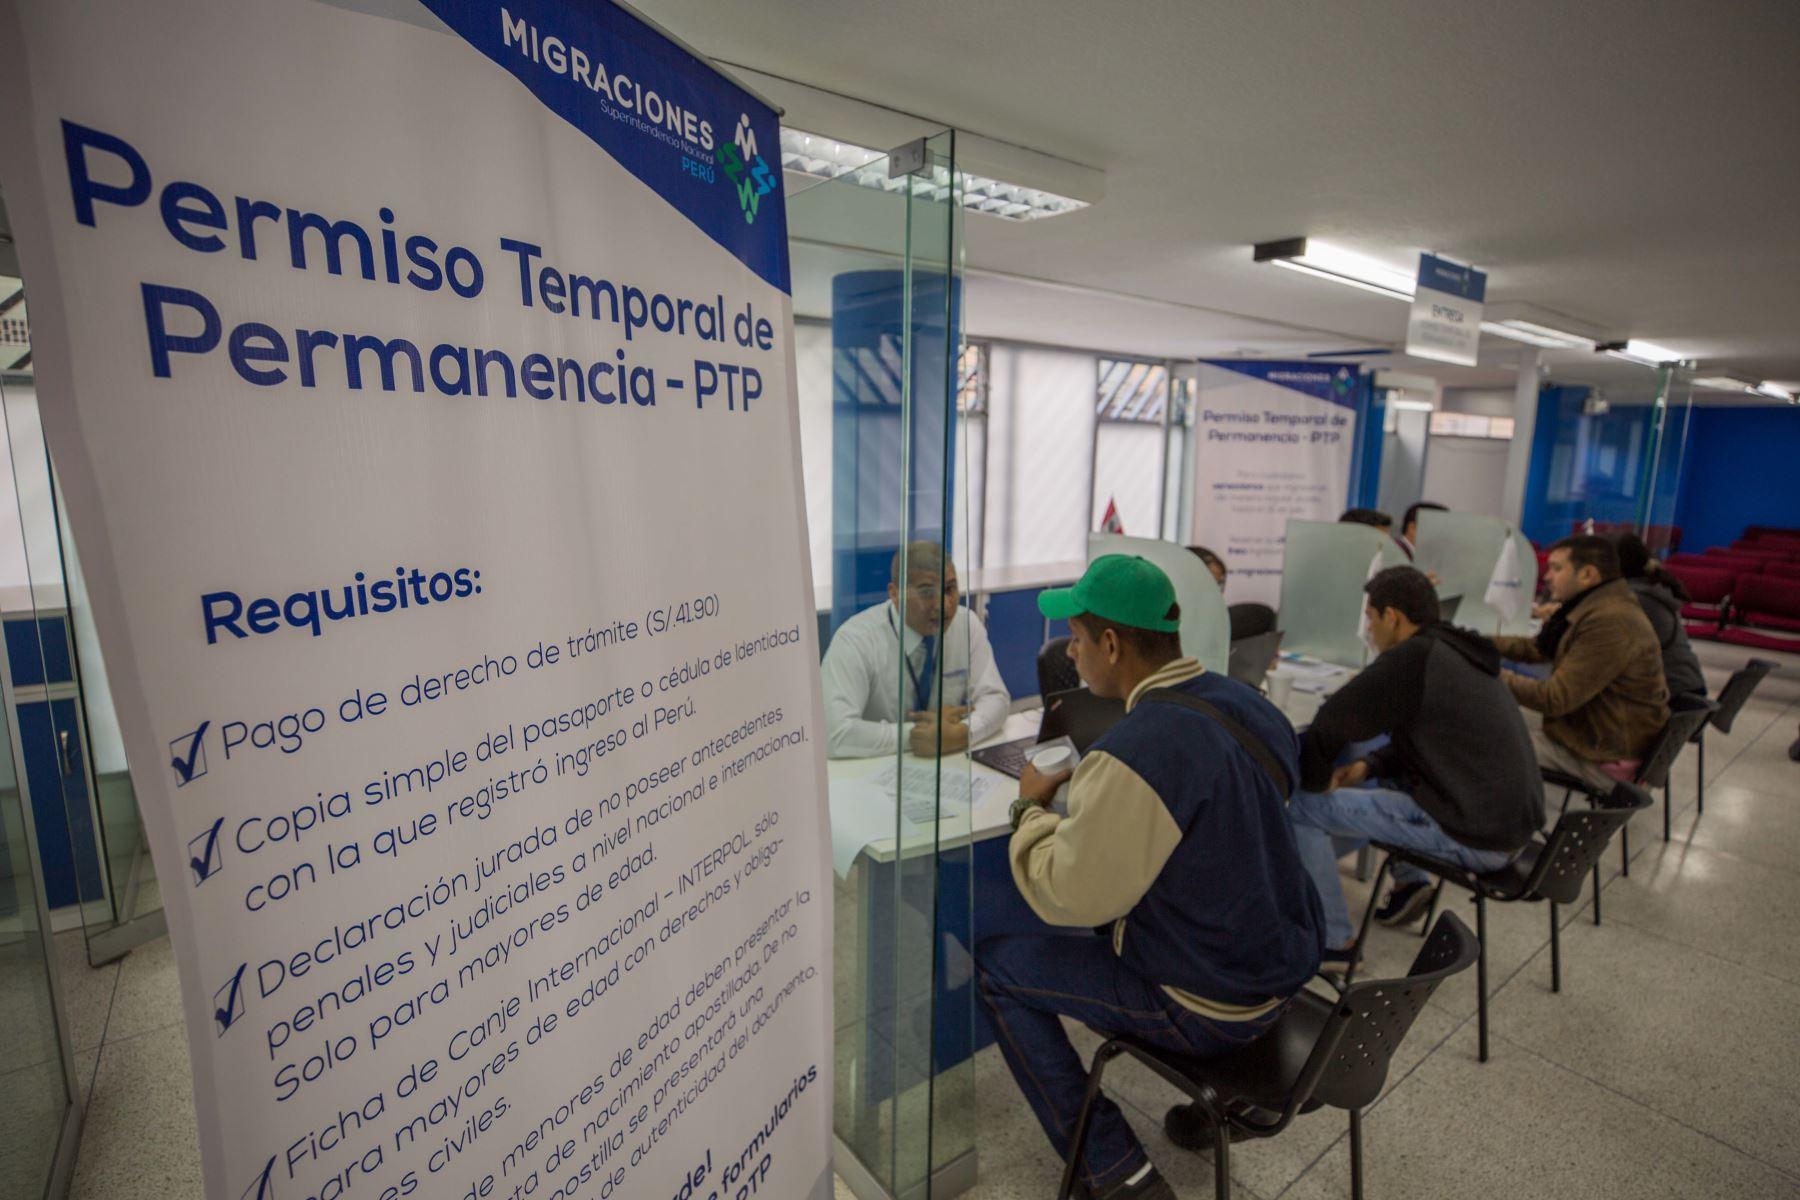 El PTP es un documento que acredita la situación migratoria regular de los venezolanos y permite trabajar, estudiar y acceder a diversos servicios. Foto: Migraciones